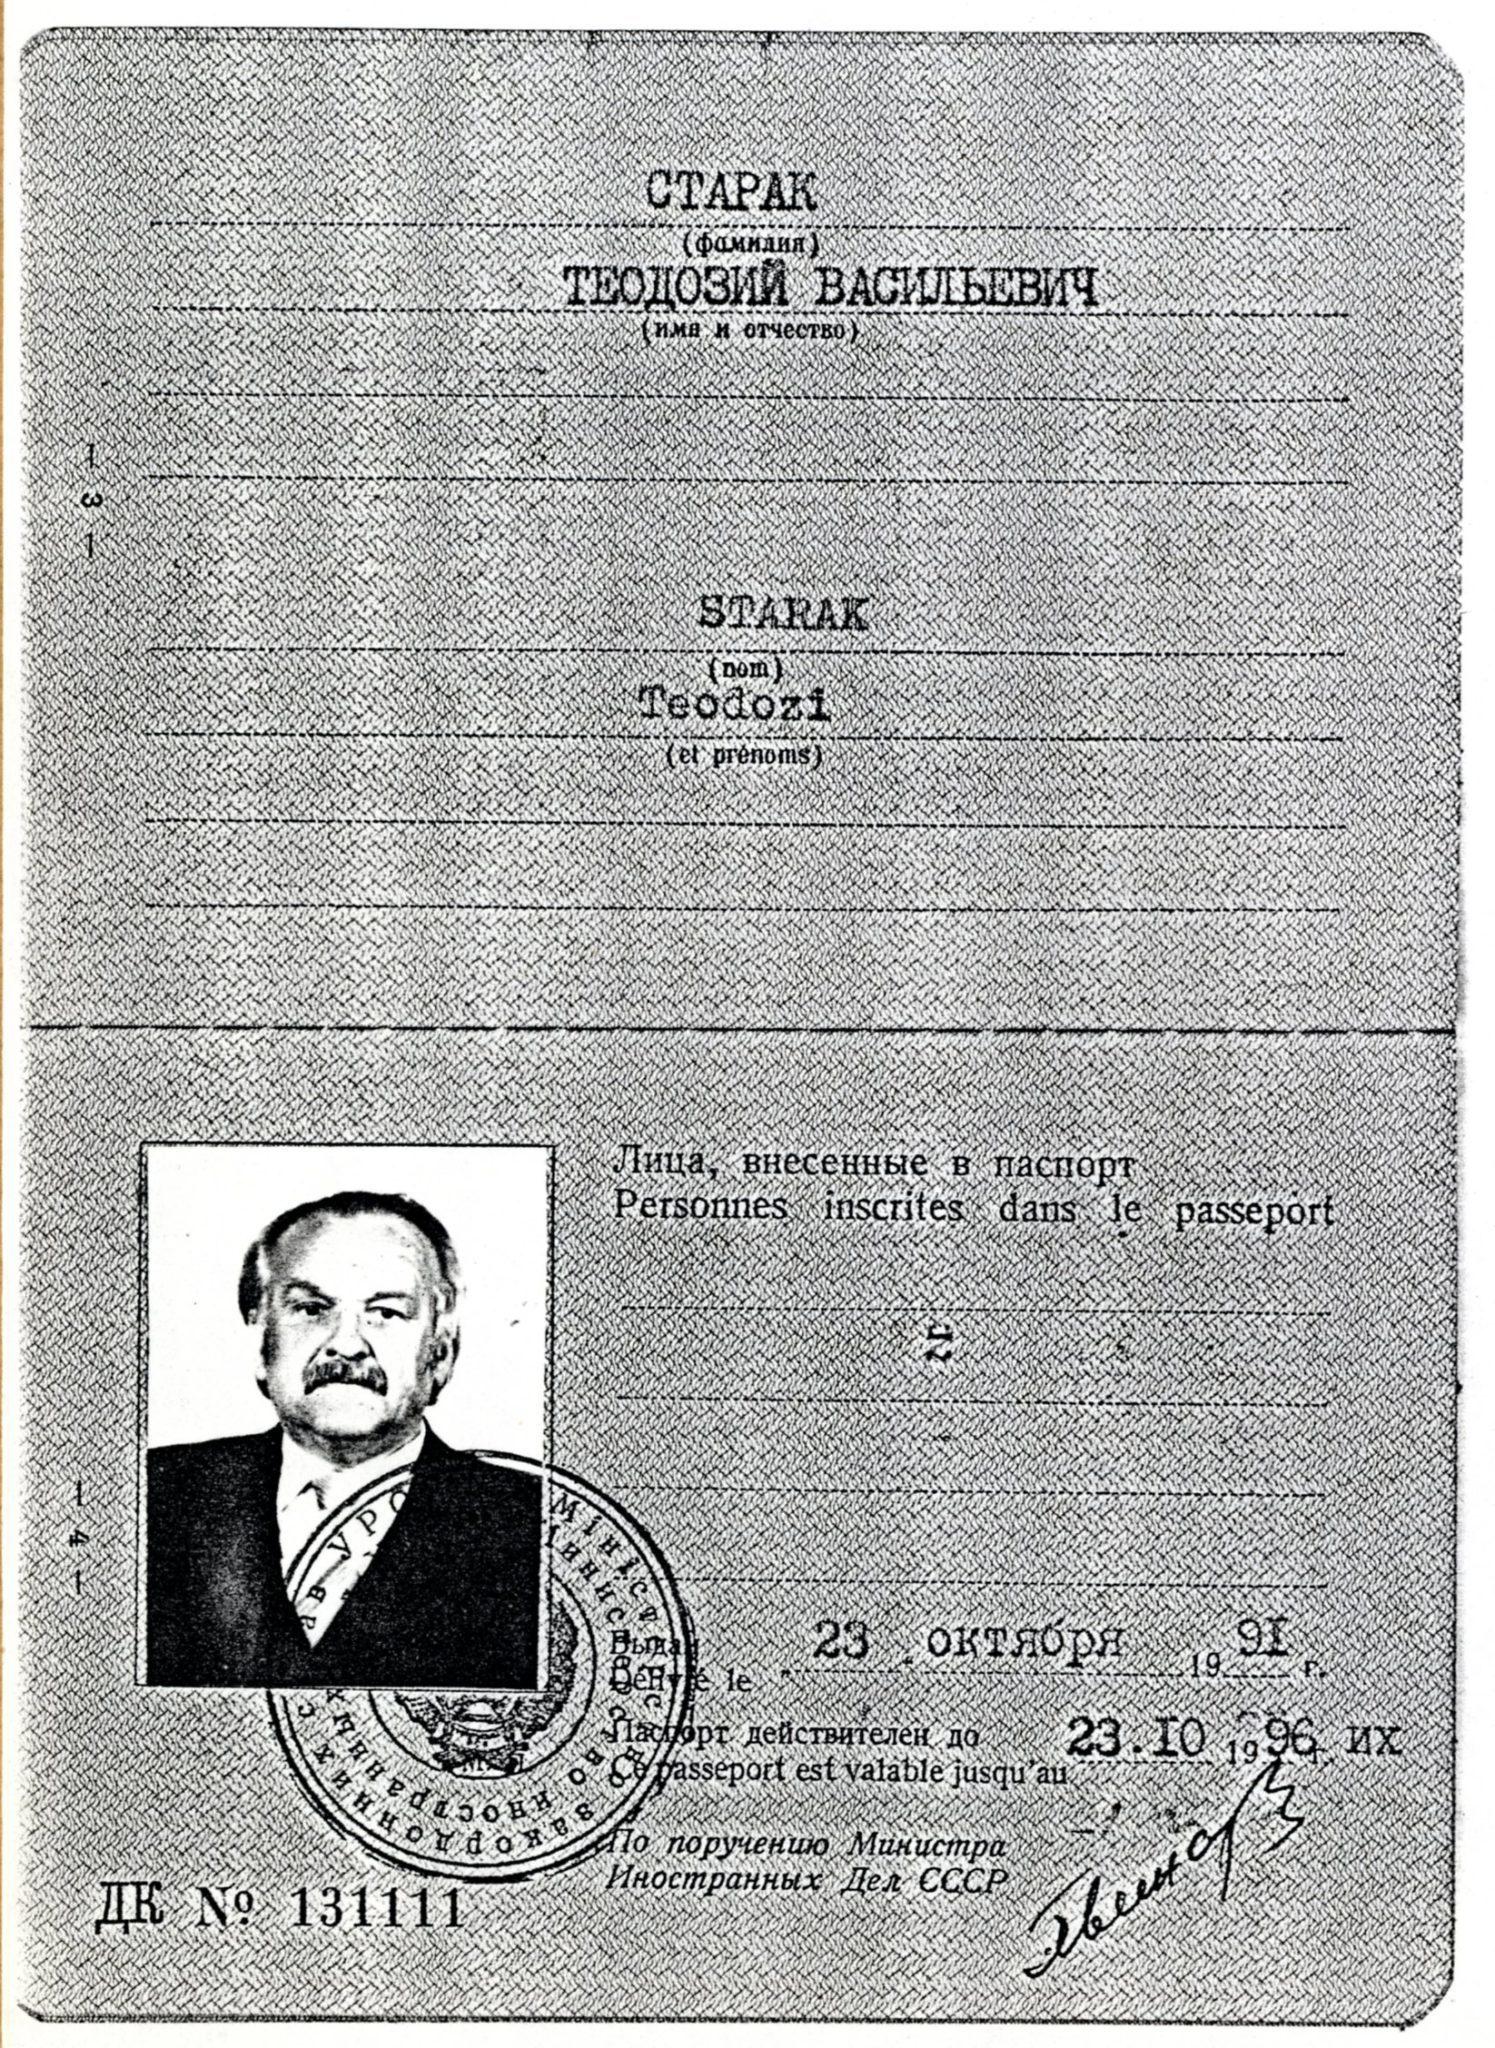 Копія паспорту Теодозія Старака, 23 жовтня 1991 r.